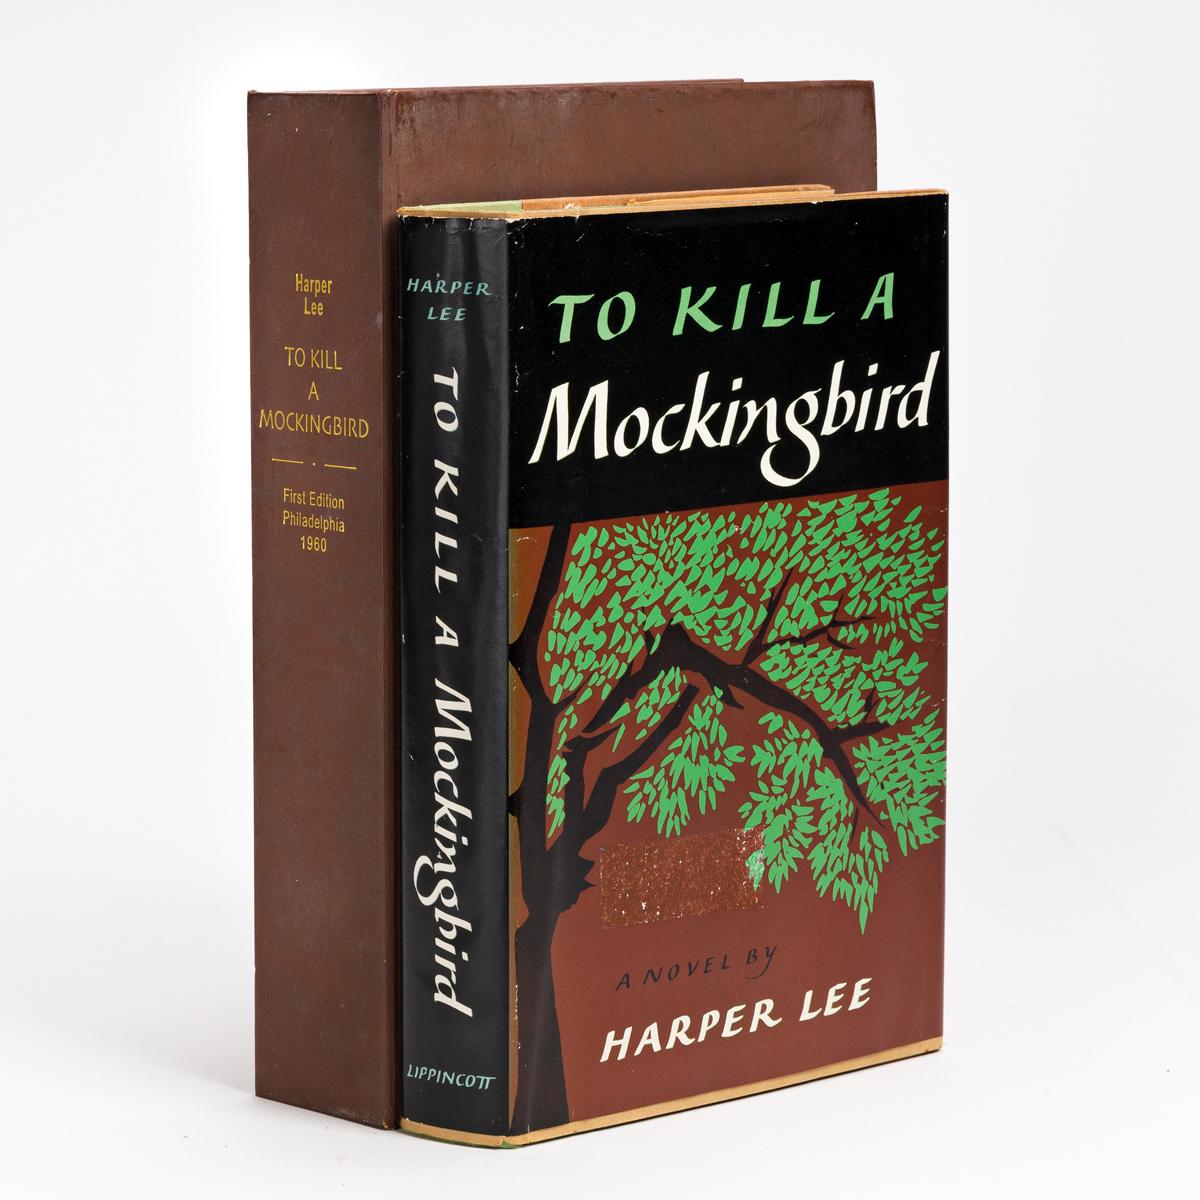 LEE, HARPER. To Kill A Mockingbird.